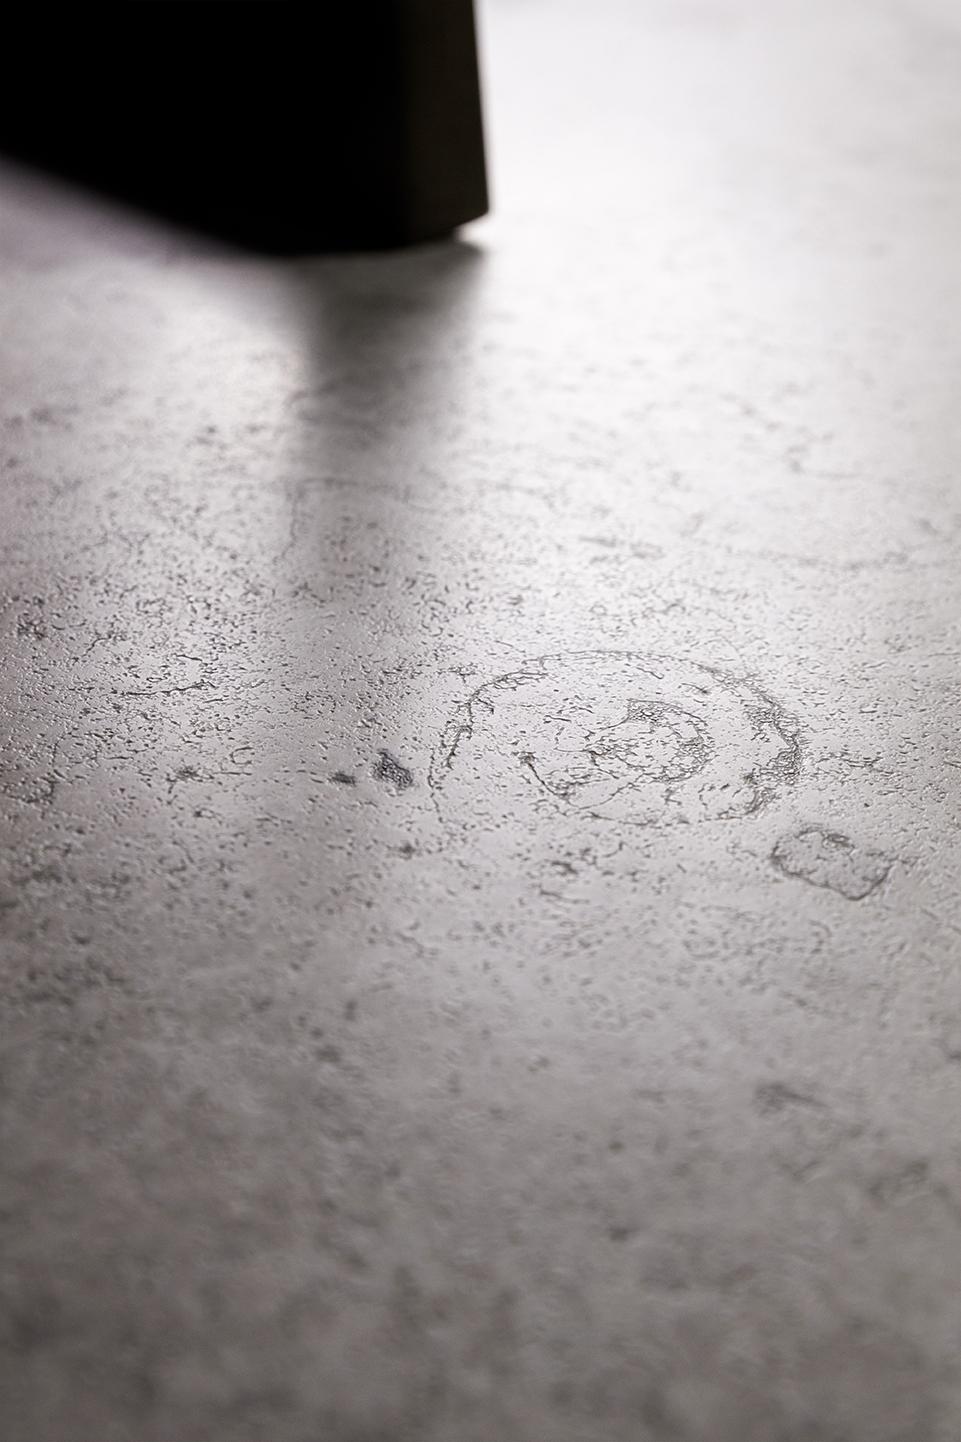 Kendo floortile detail